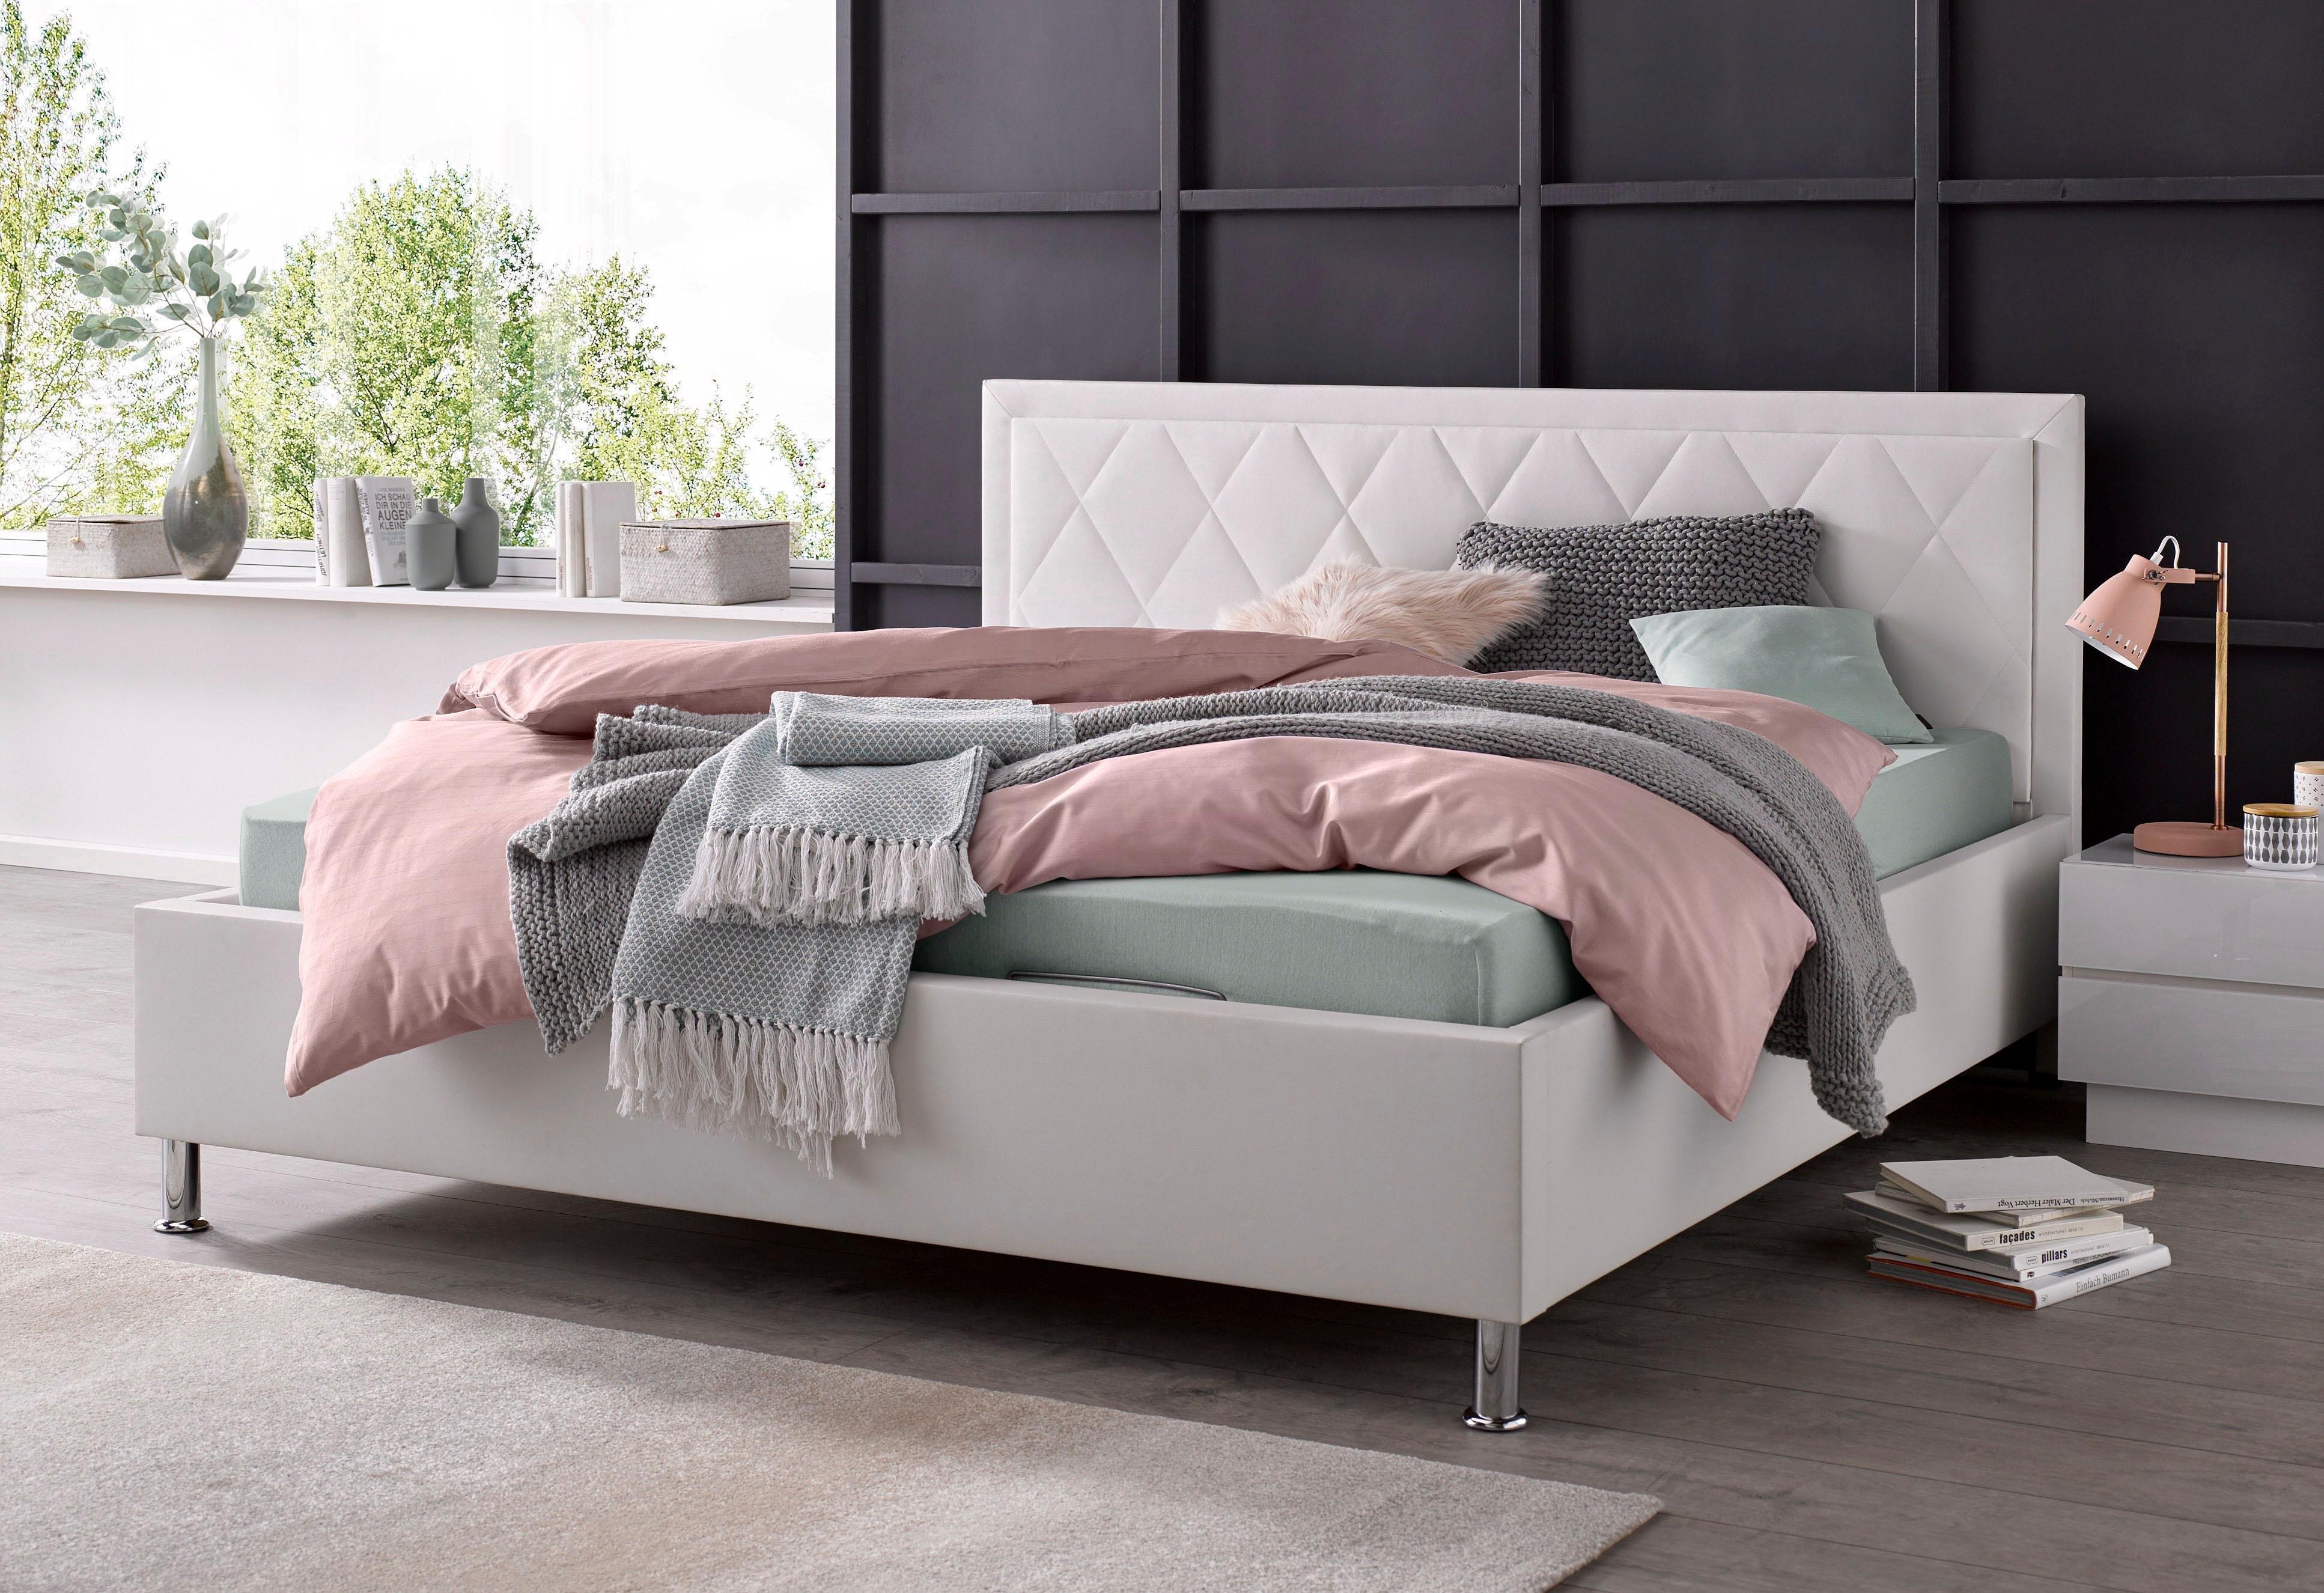 Aanbieding Compleet Tweepersoonsbed.Tweepersoonsbed Kopen Jouw Perfecte Bed Al Vanaf 139 99 Otto